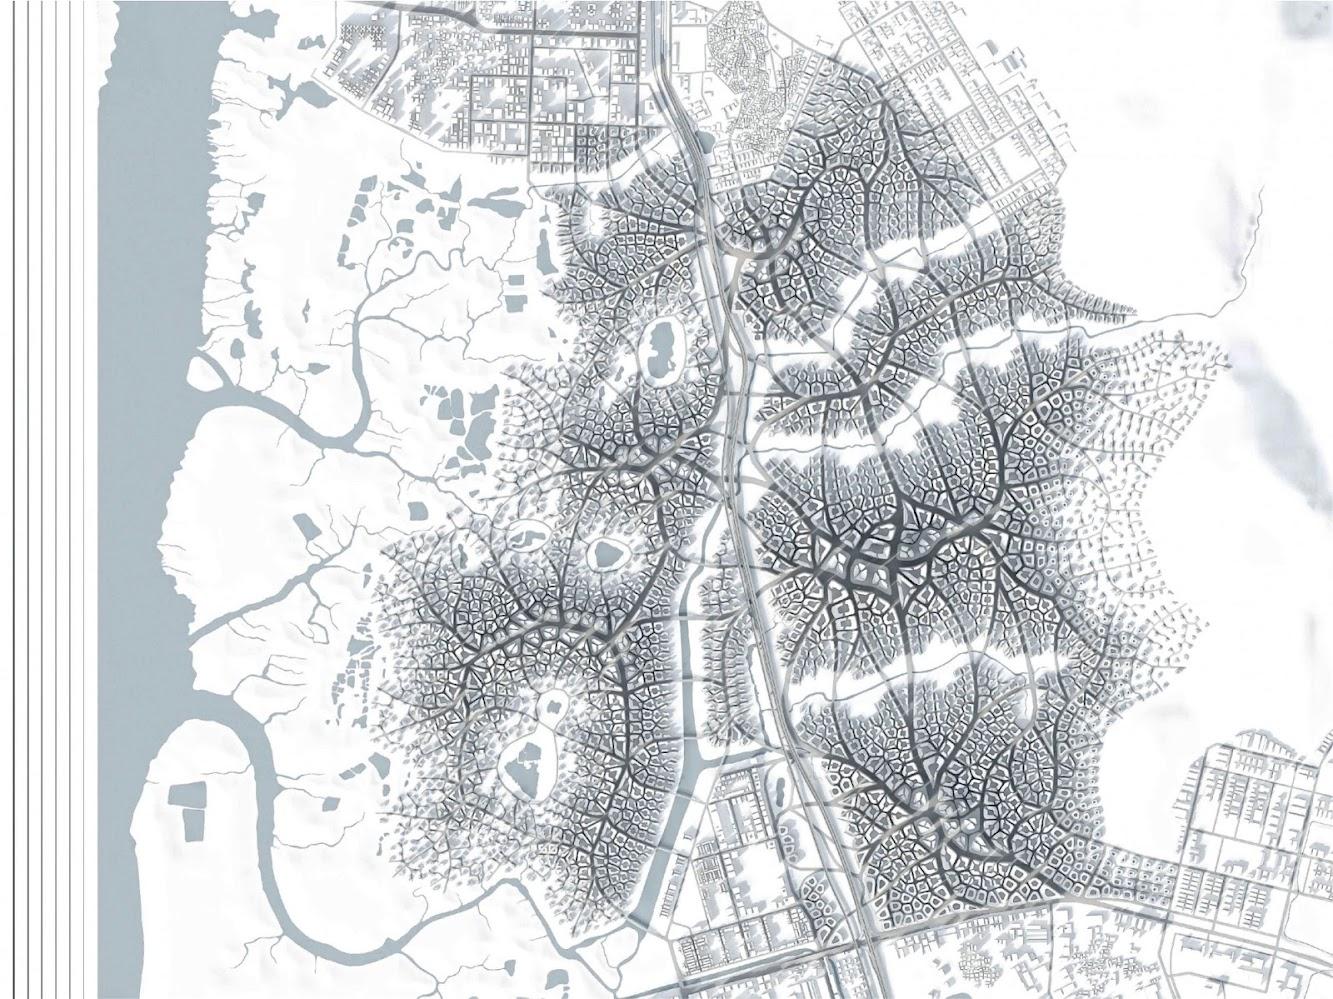 1号 Fuqian Rd, Yuexiu, Guangzhou, Quantung, Cina, 510055: Urban Field - Adaptive Urban Fabric